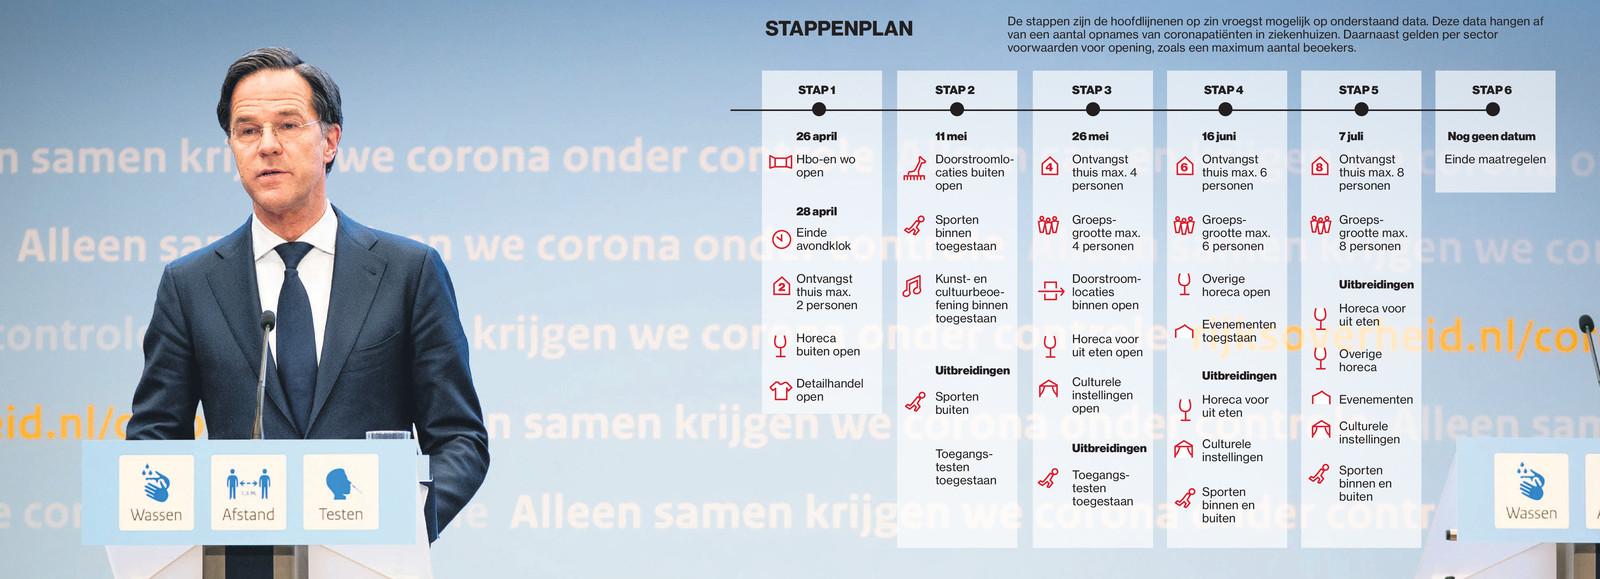 Het 6-stappenplan van het kabinet op weg naar een 'normale zomer'.